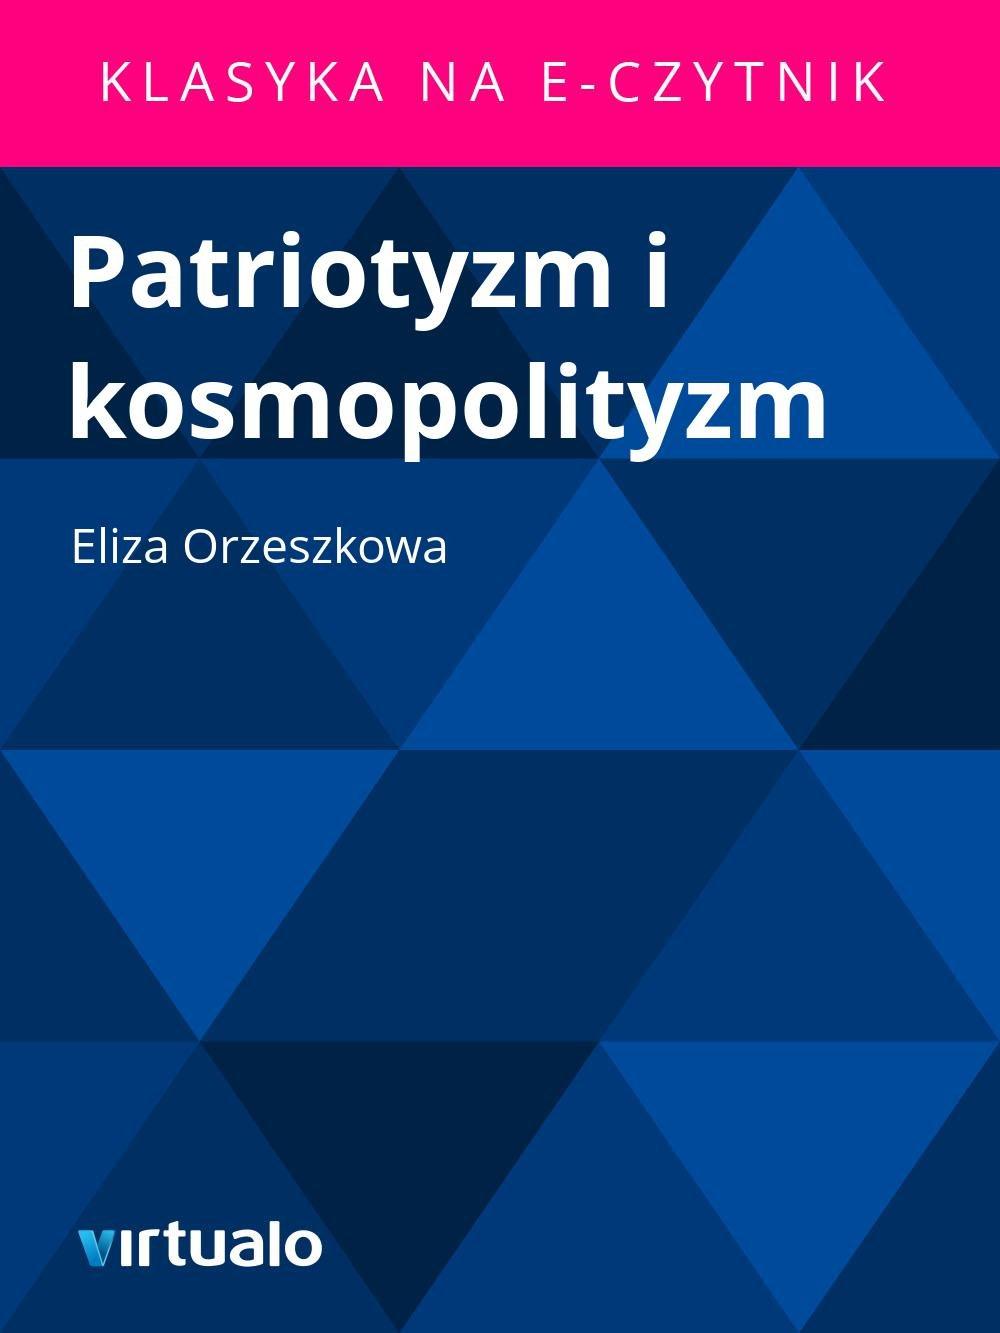 Patriotyzm i kosmopolityzm - Ebook (Książka EPUB) do pobrania w formacie EPUB